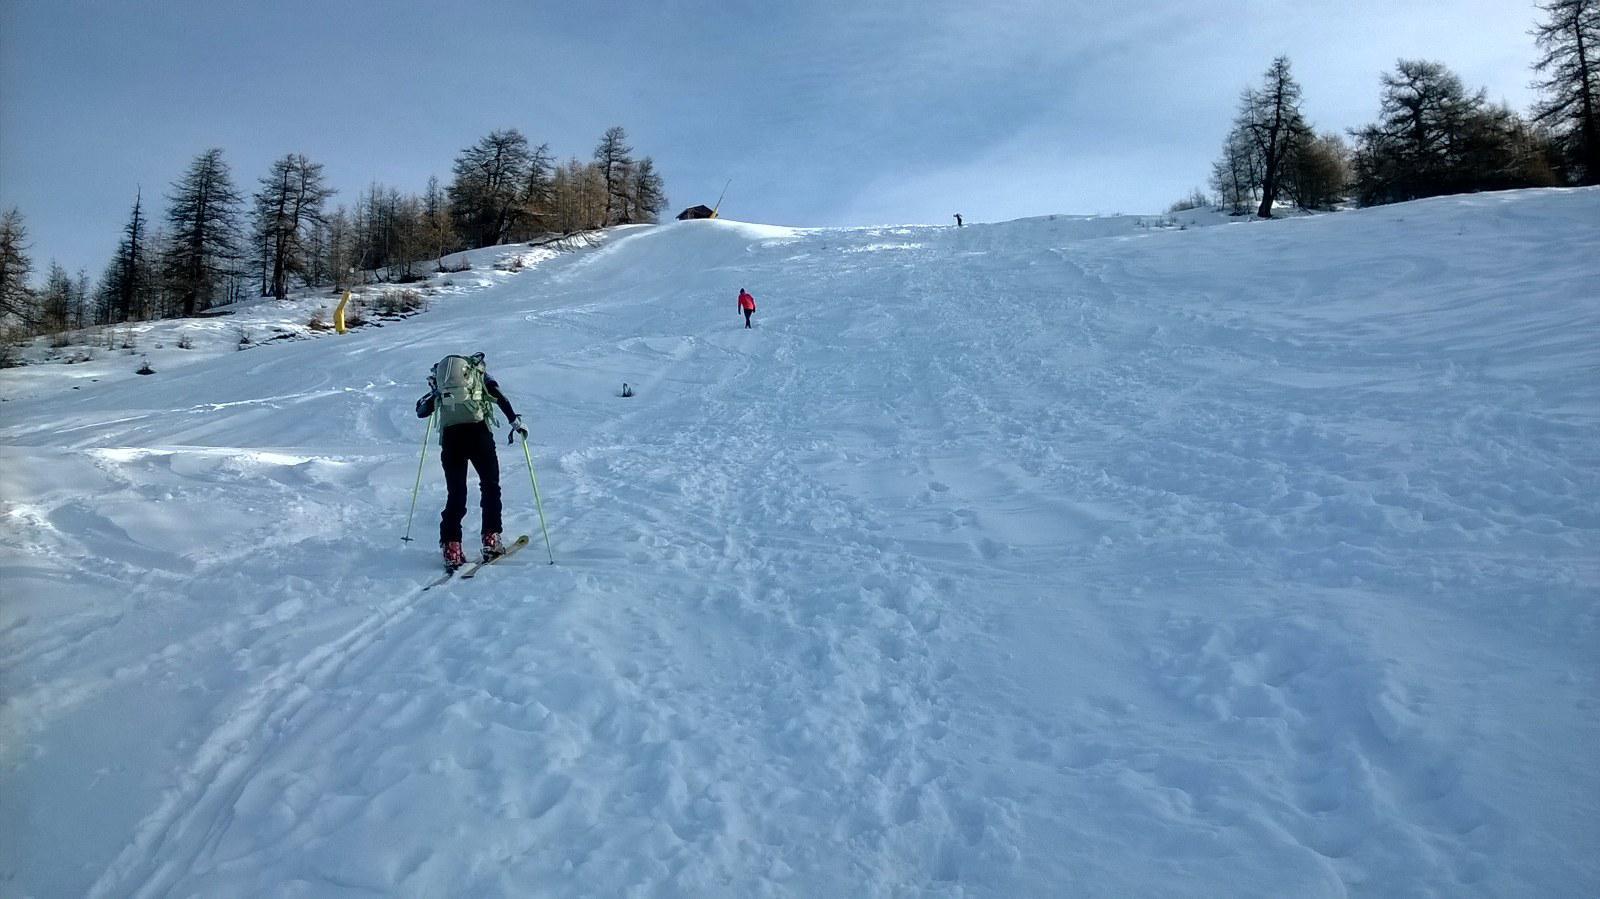 Situazione neve da dove si mettono gli sci